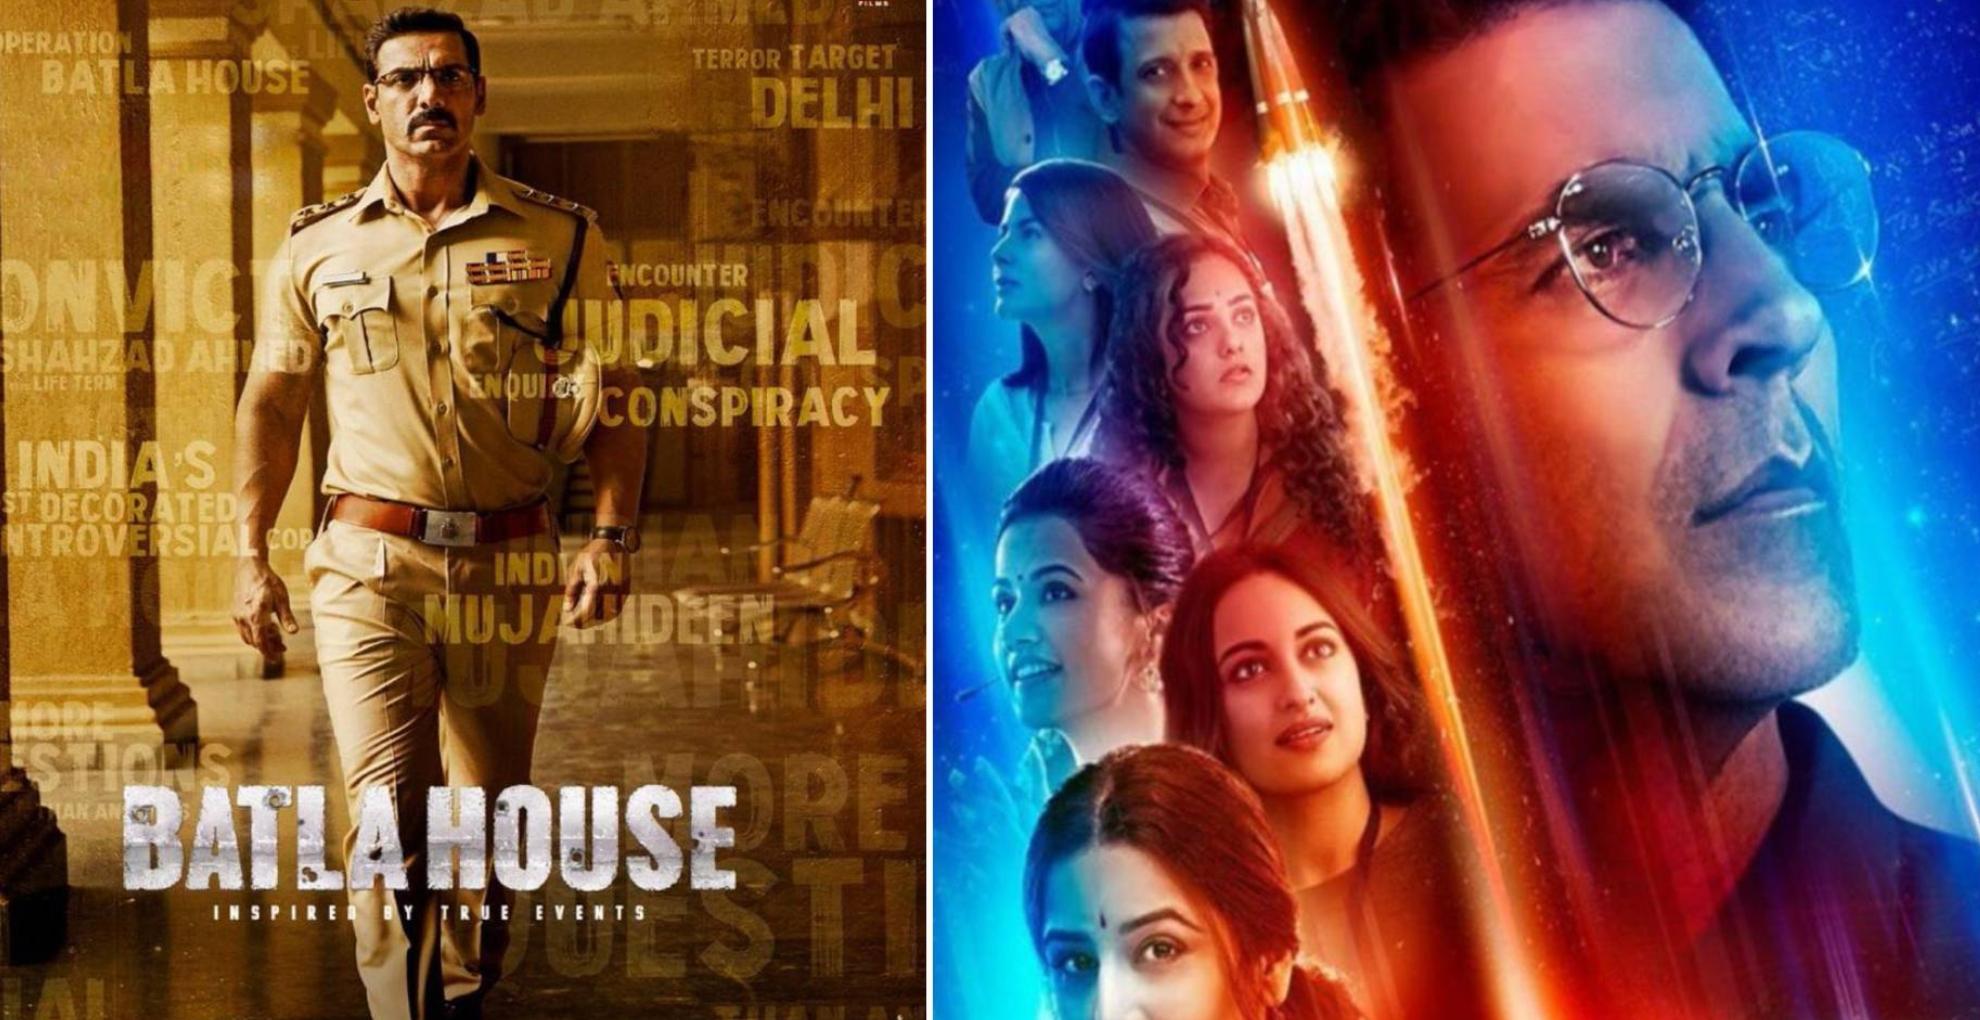 Box Office Weekly Collection: मिशन मंगल और बाटला हाउस के बीच जानिए किस फिल्म ने कमाई के मामले में मारी बाजी